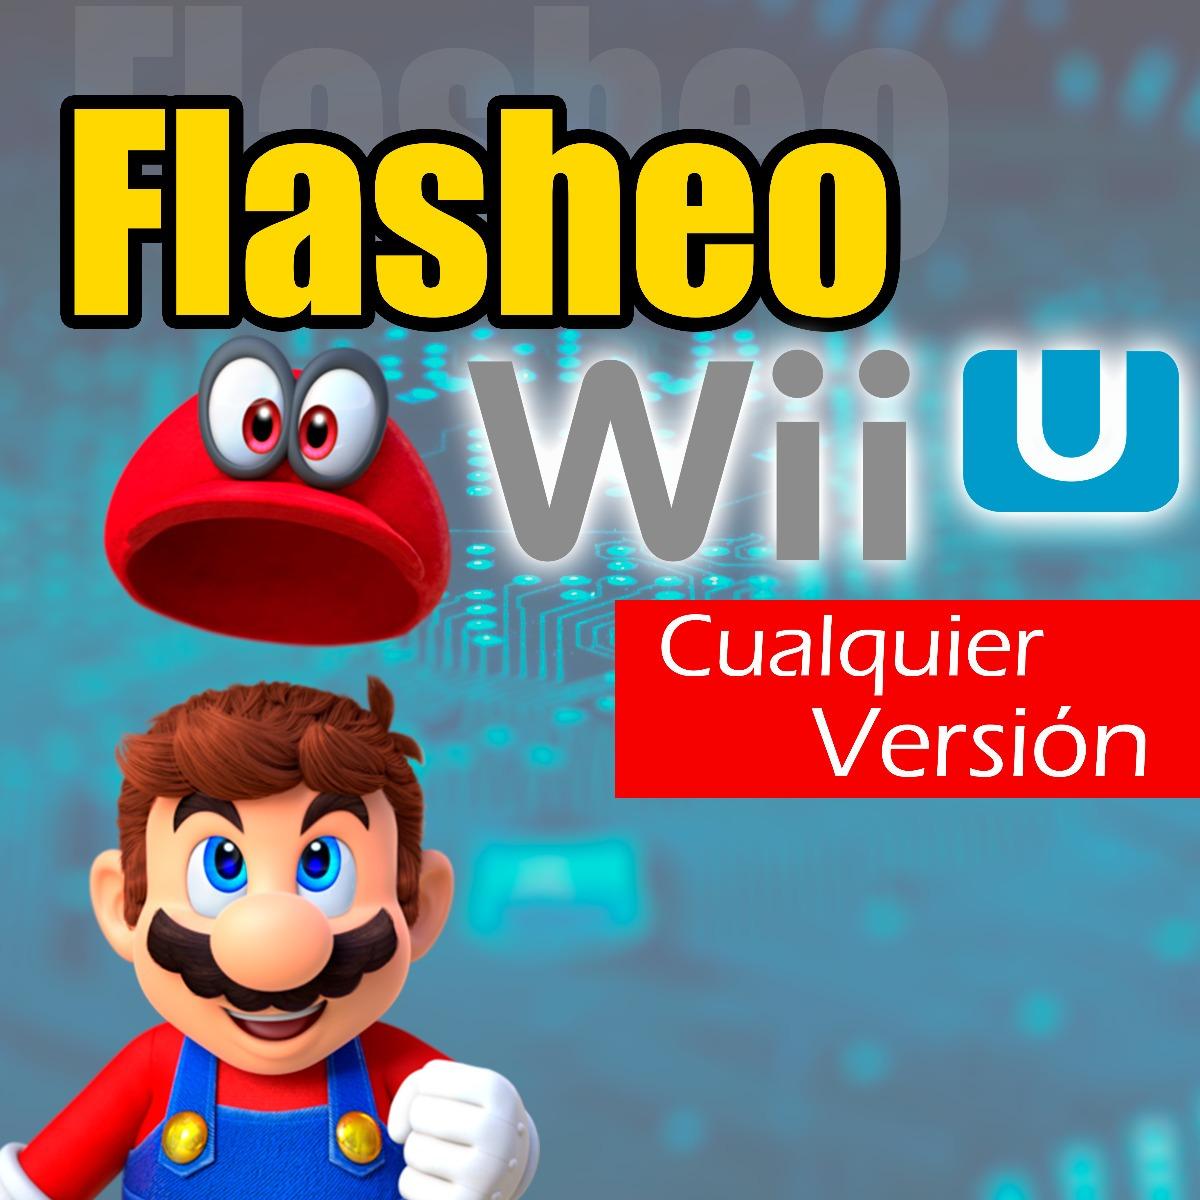 Flasheo Wii U Todas Las Versiones Juegos Gratis S 60 00 En